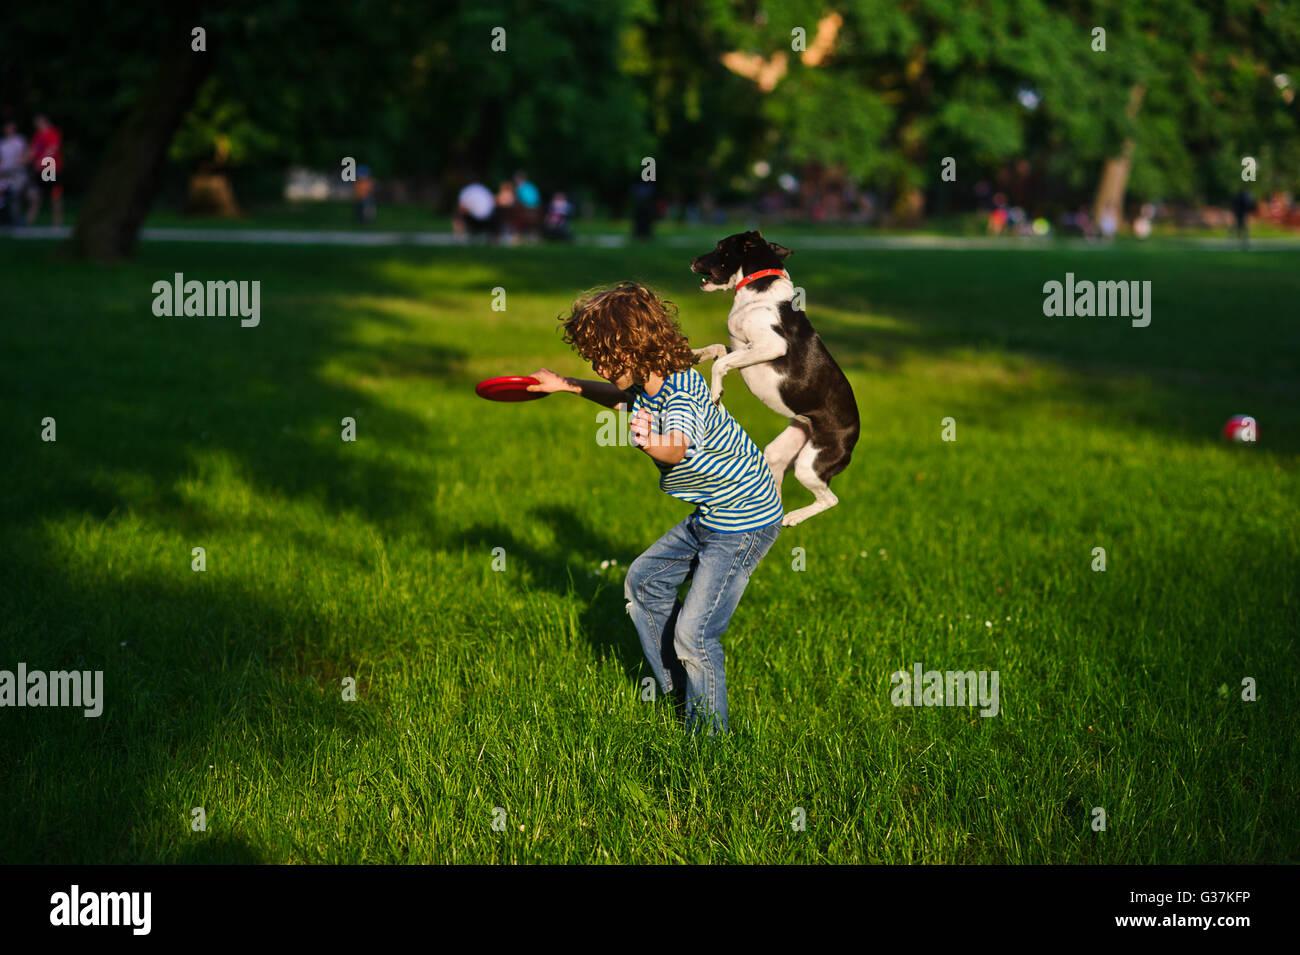 Les trains le garçon un chien.Dans un jardin d'été le garçon de 8-9 ans joue avec un chien.Dans Photo Stock